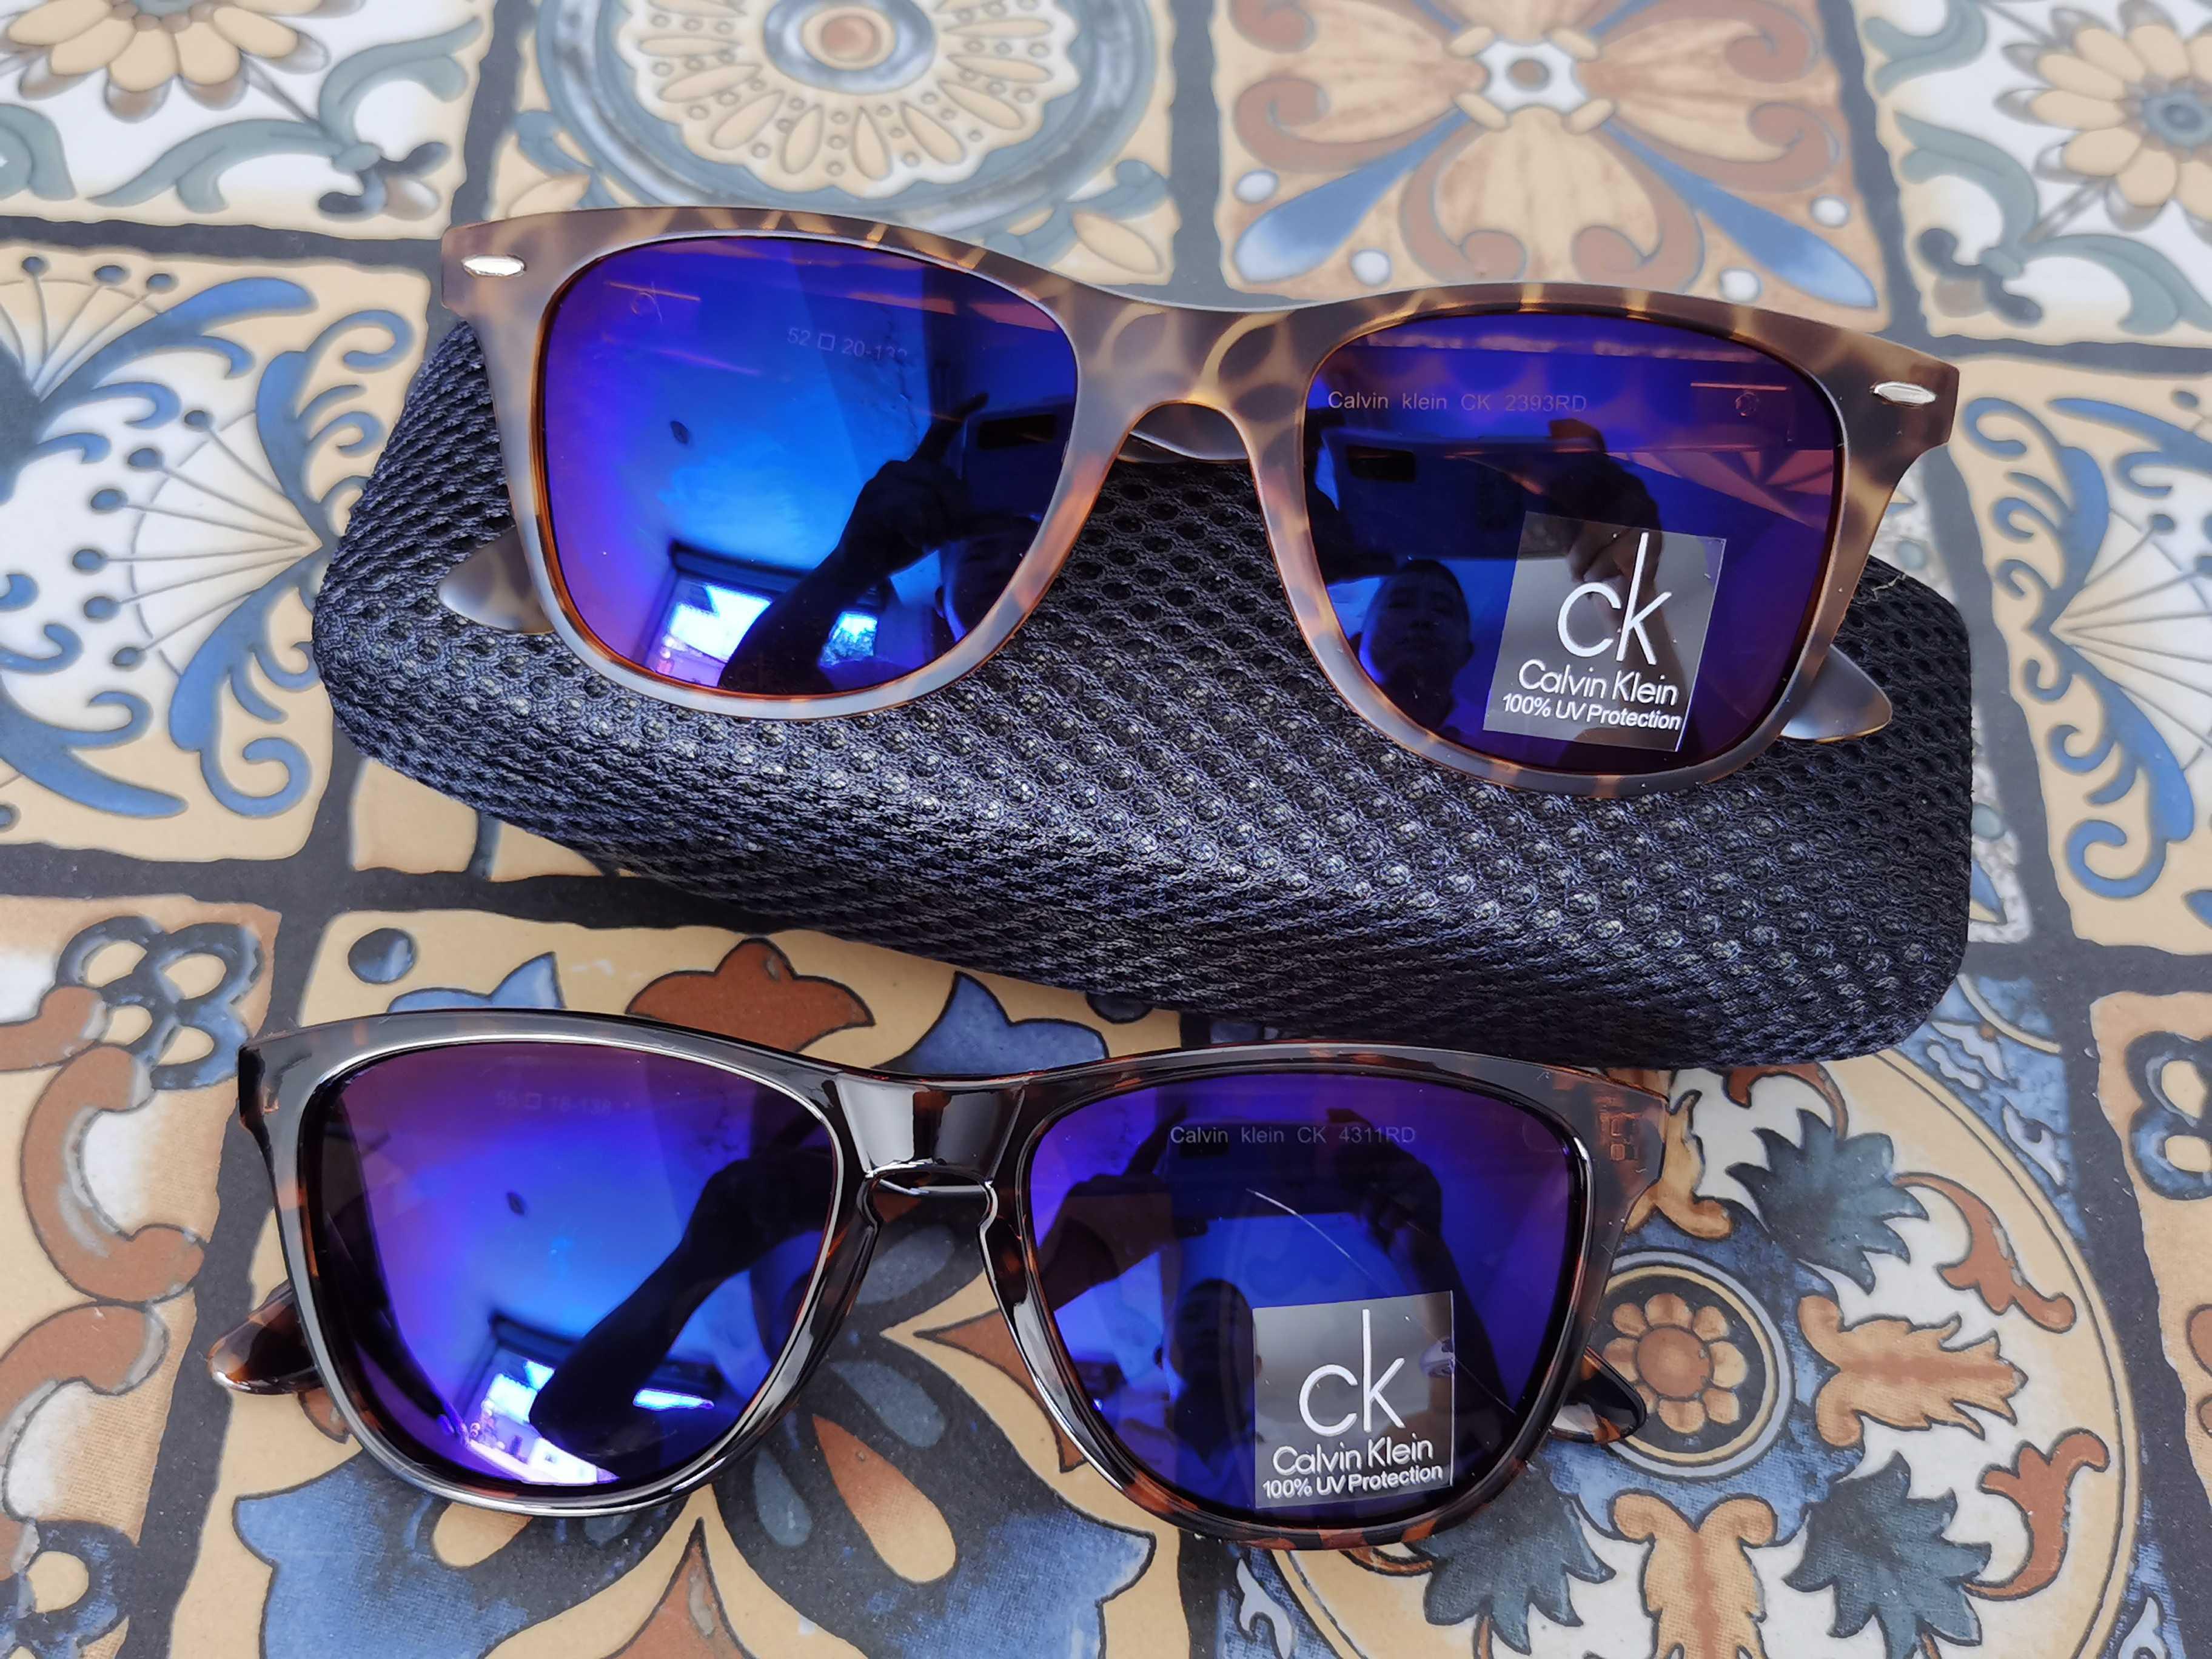 咖色斑点豹纹包框边框蓝色镀膜偏光镜片复古休闲太阳眼镜墨镜